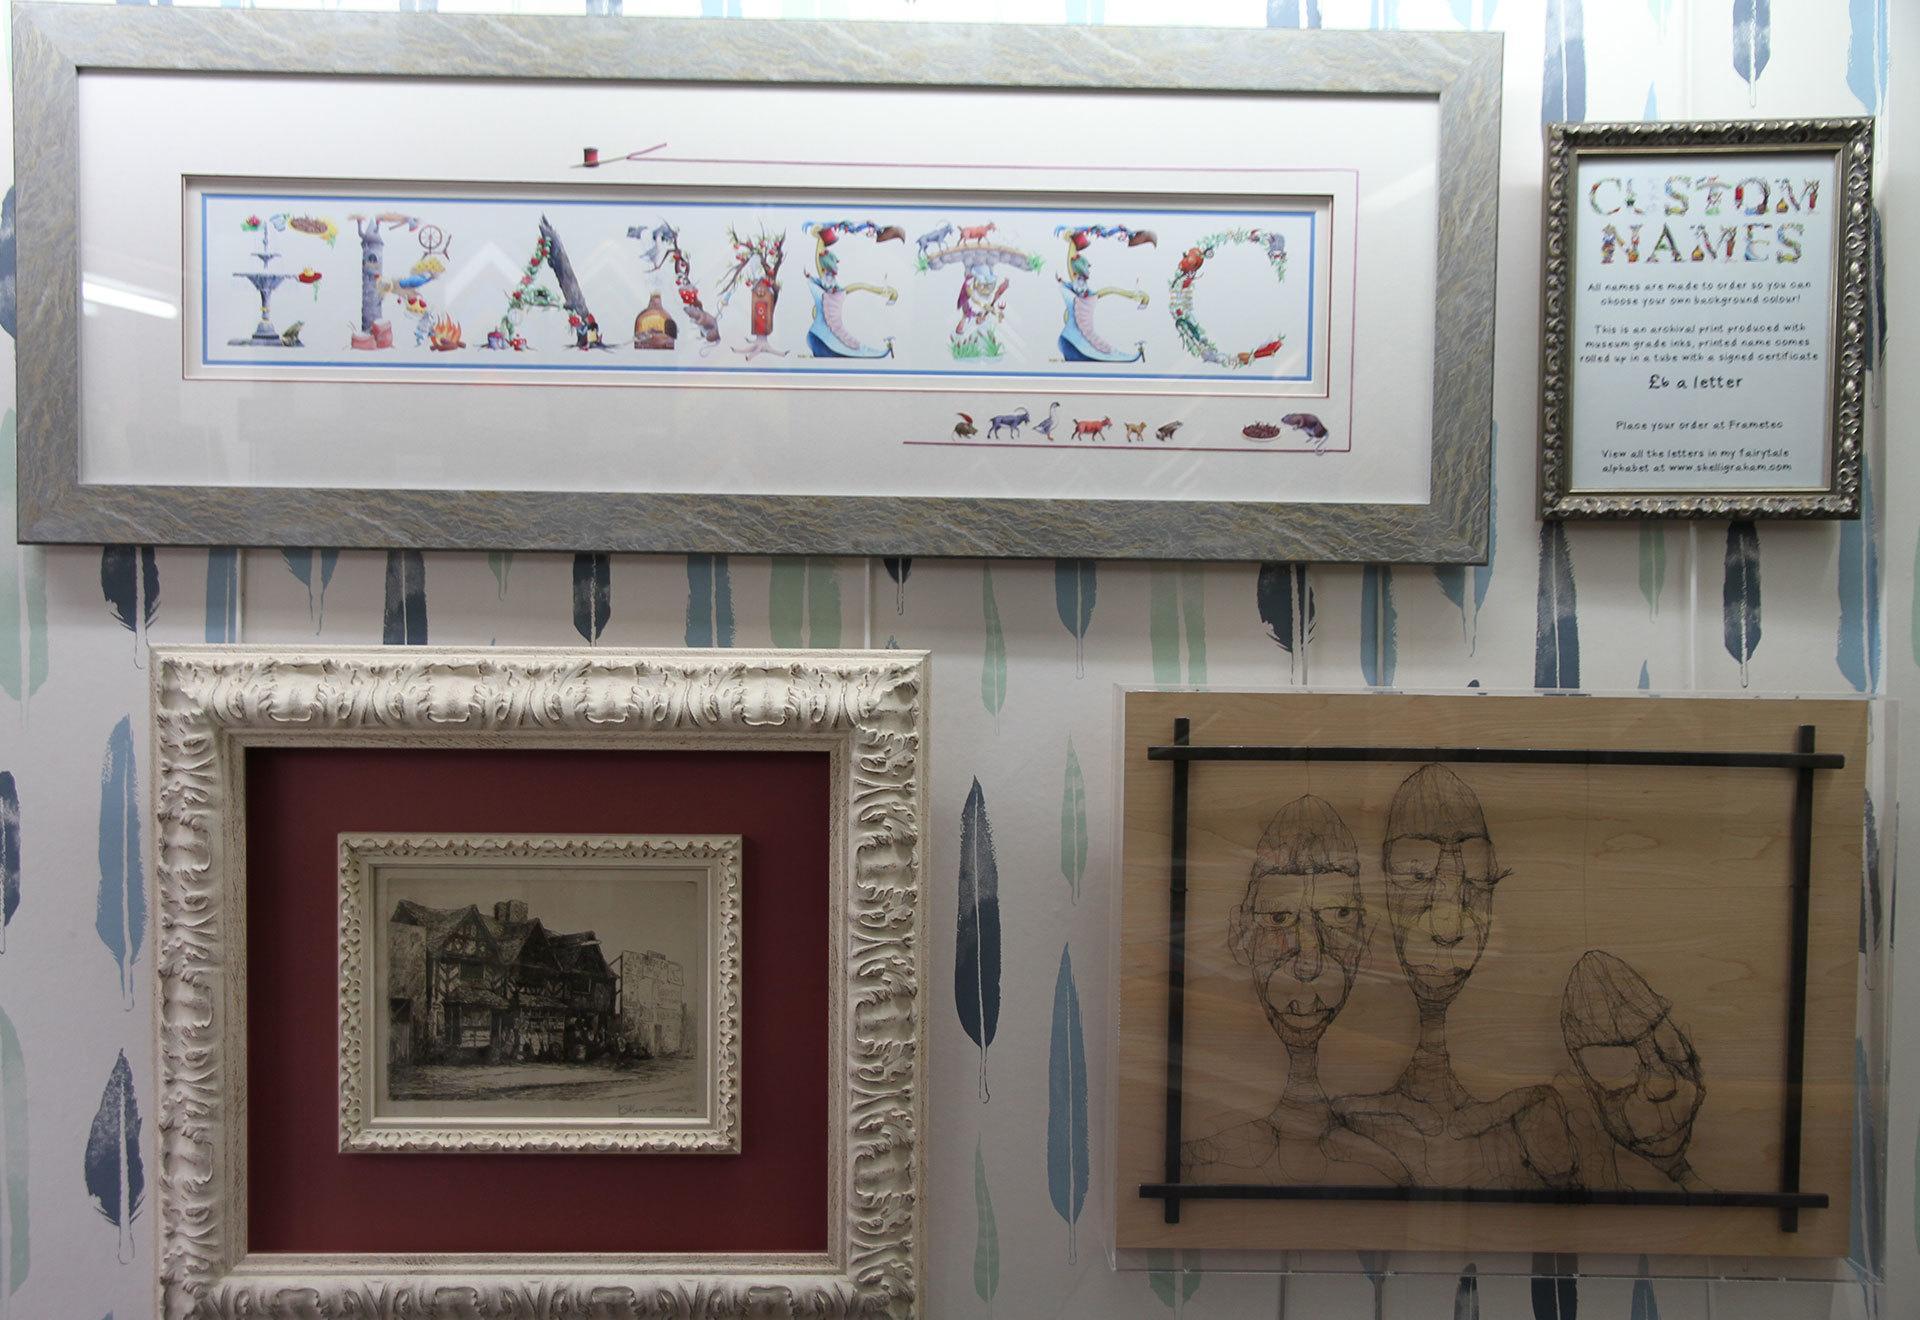 Picture framing services in Harborne Birmingham | Frametec